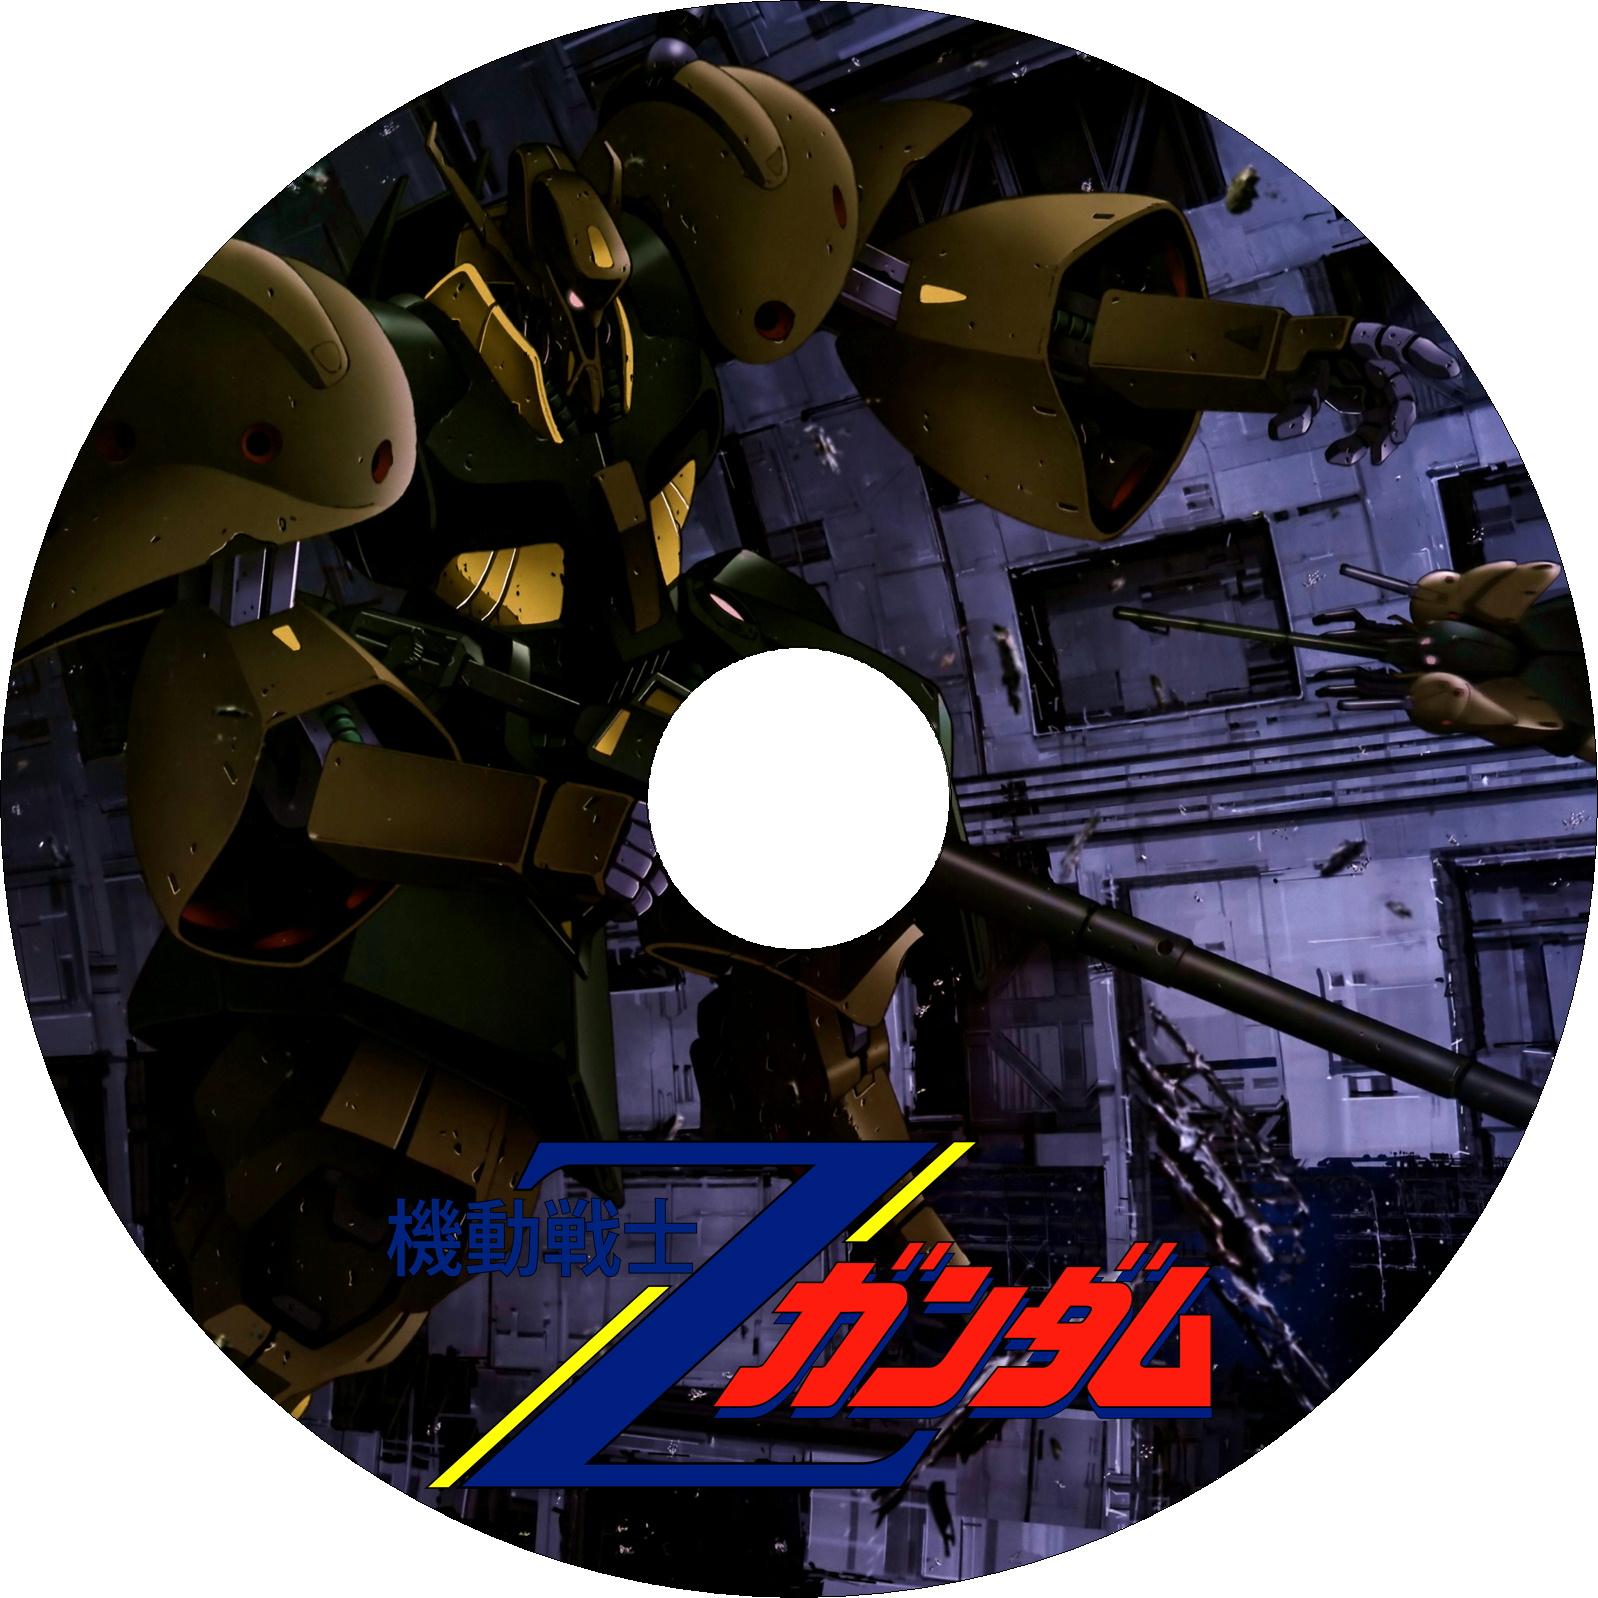 機動戦士Ζガンダム ラベル(汎用)3